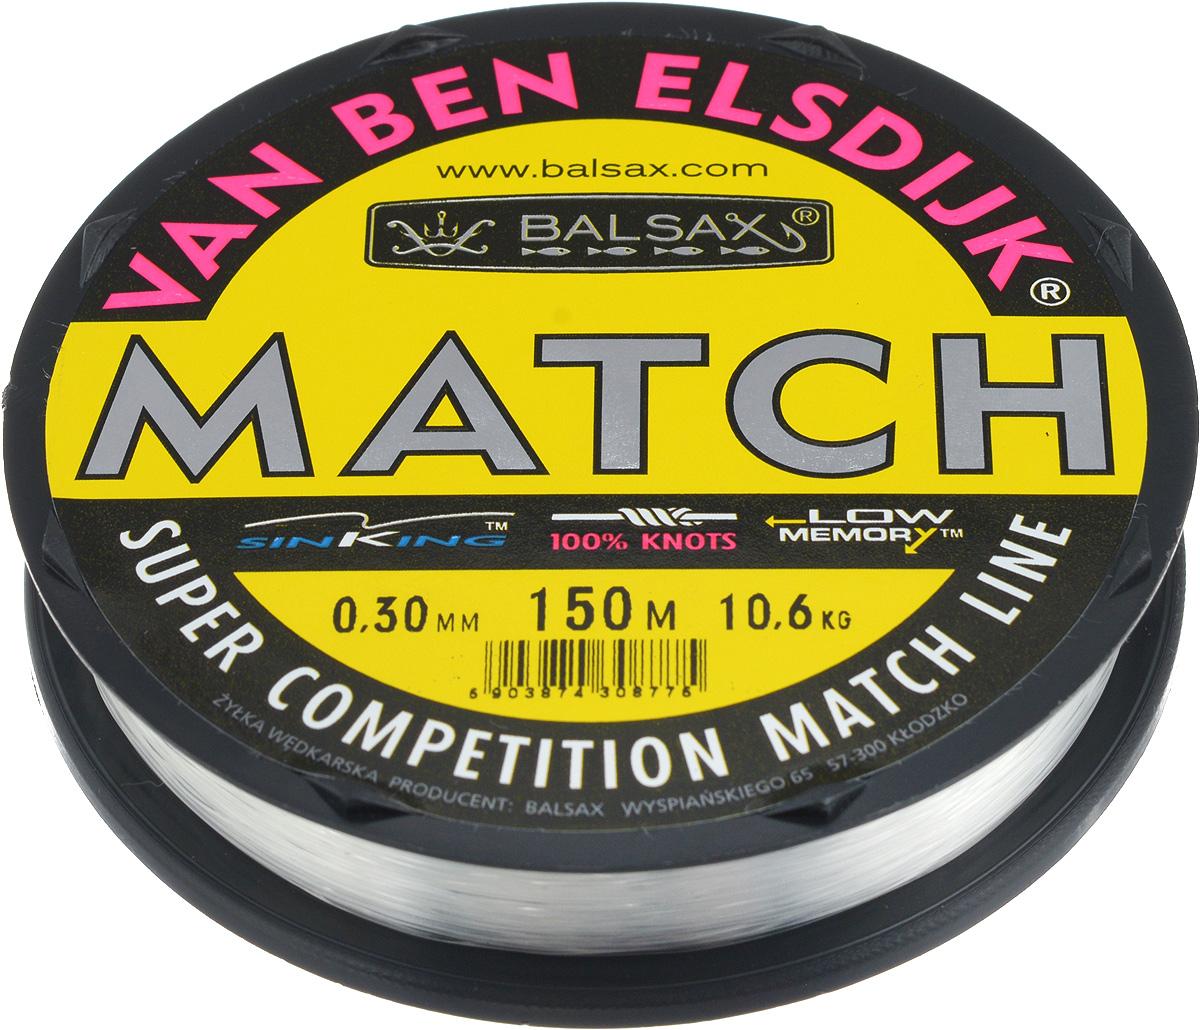 Леска Balsax Match VBE, 150 м, 0,30 мм, 10,6 кг304-10030Опытным спортсменам, участвующим в соревнованиях, нужна надежная леска, в которой можно быть уверенным в любой ситуации. Леска Balsax Match VBE отличается замечательной прочностью на узле и высокой сопротивляемостью к истиранию. Она была проверена на склонность к остаточным деформациям, чтобы убедиться в том, что она обладает наиболее подходящей растяжимостью, отвечая самым строгим требованиям рыболовов. Такая леска отлично подходит как для спортивного, так и для любительского рыболовства.